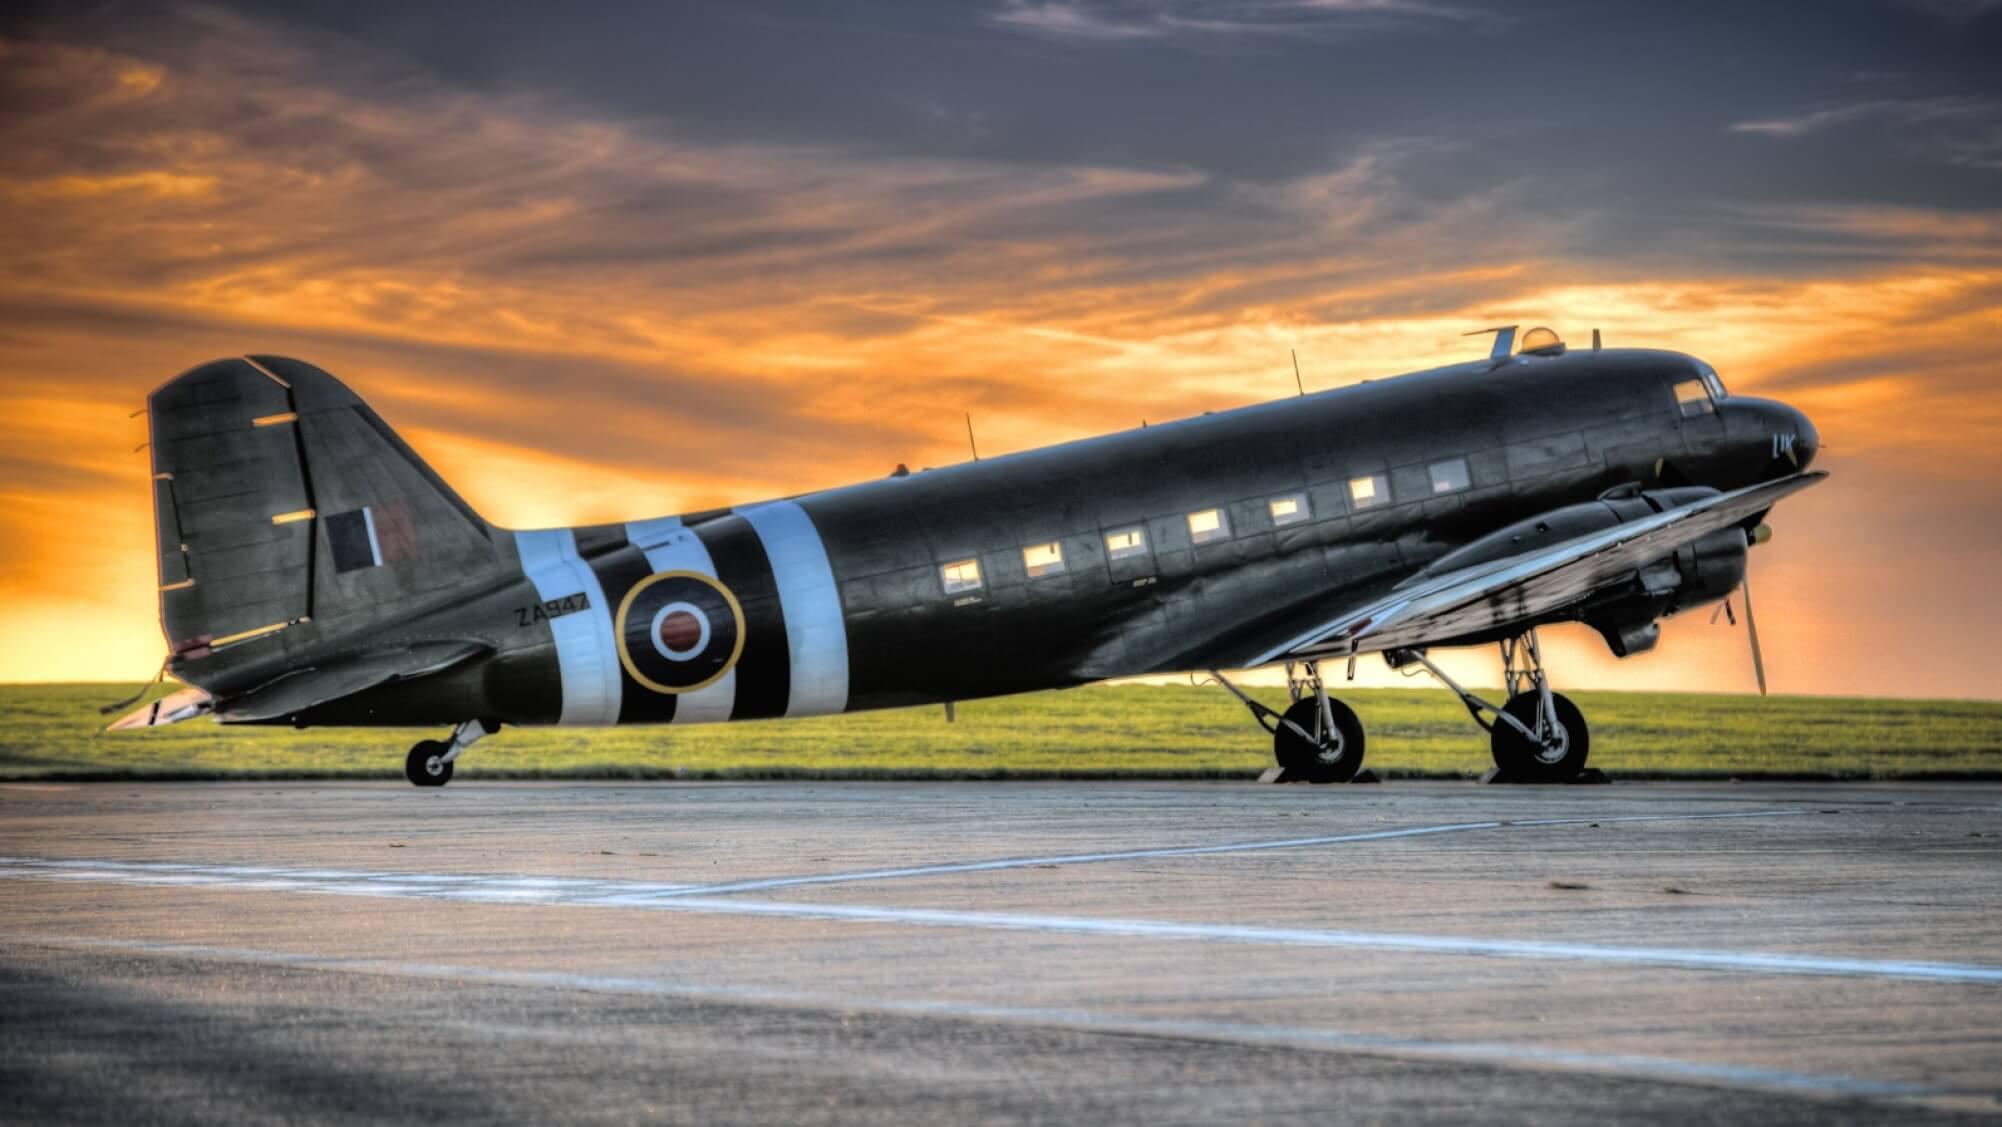 Douglas DC-3 - Original image